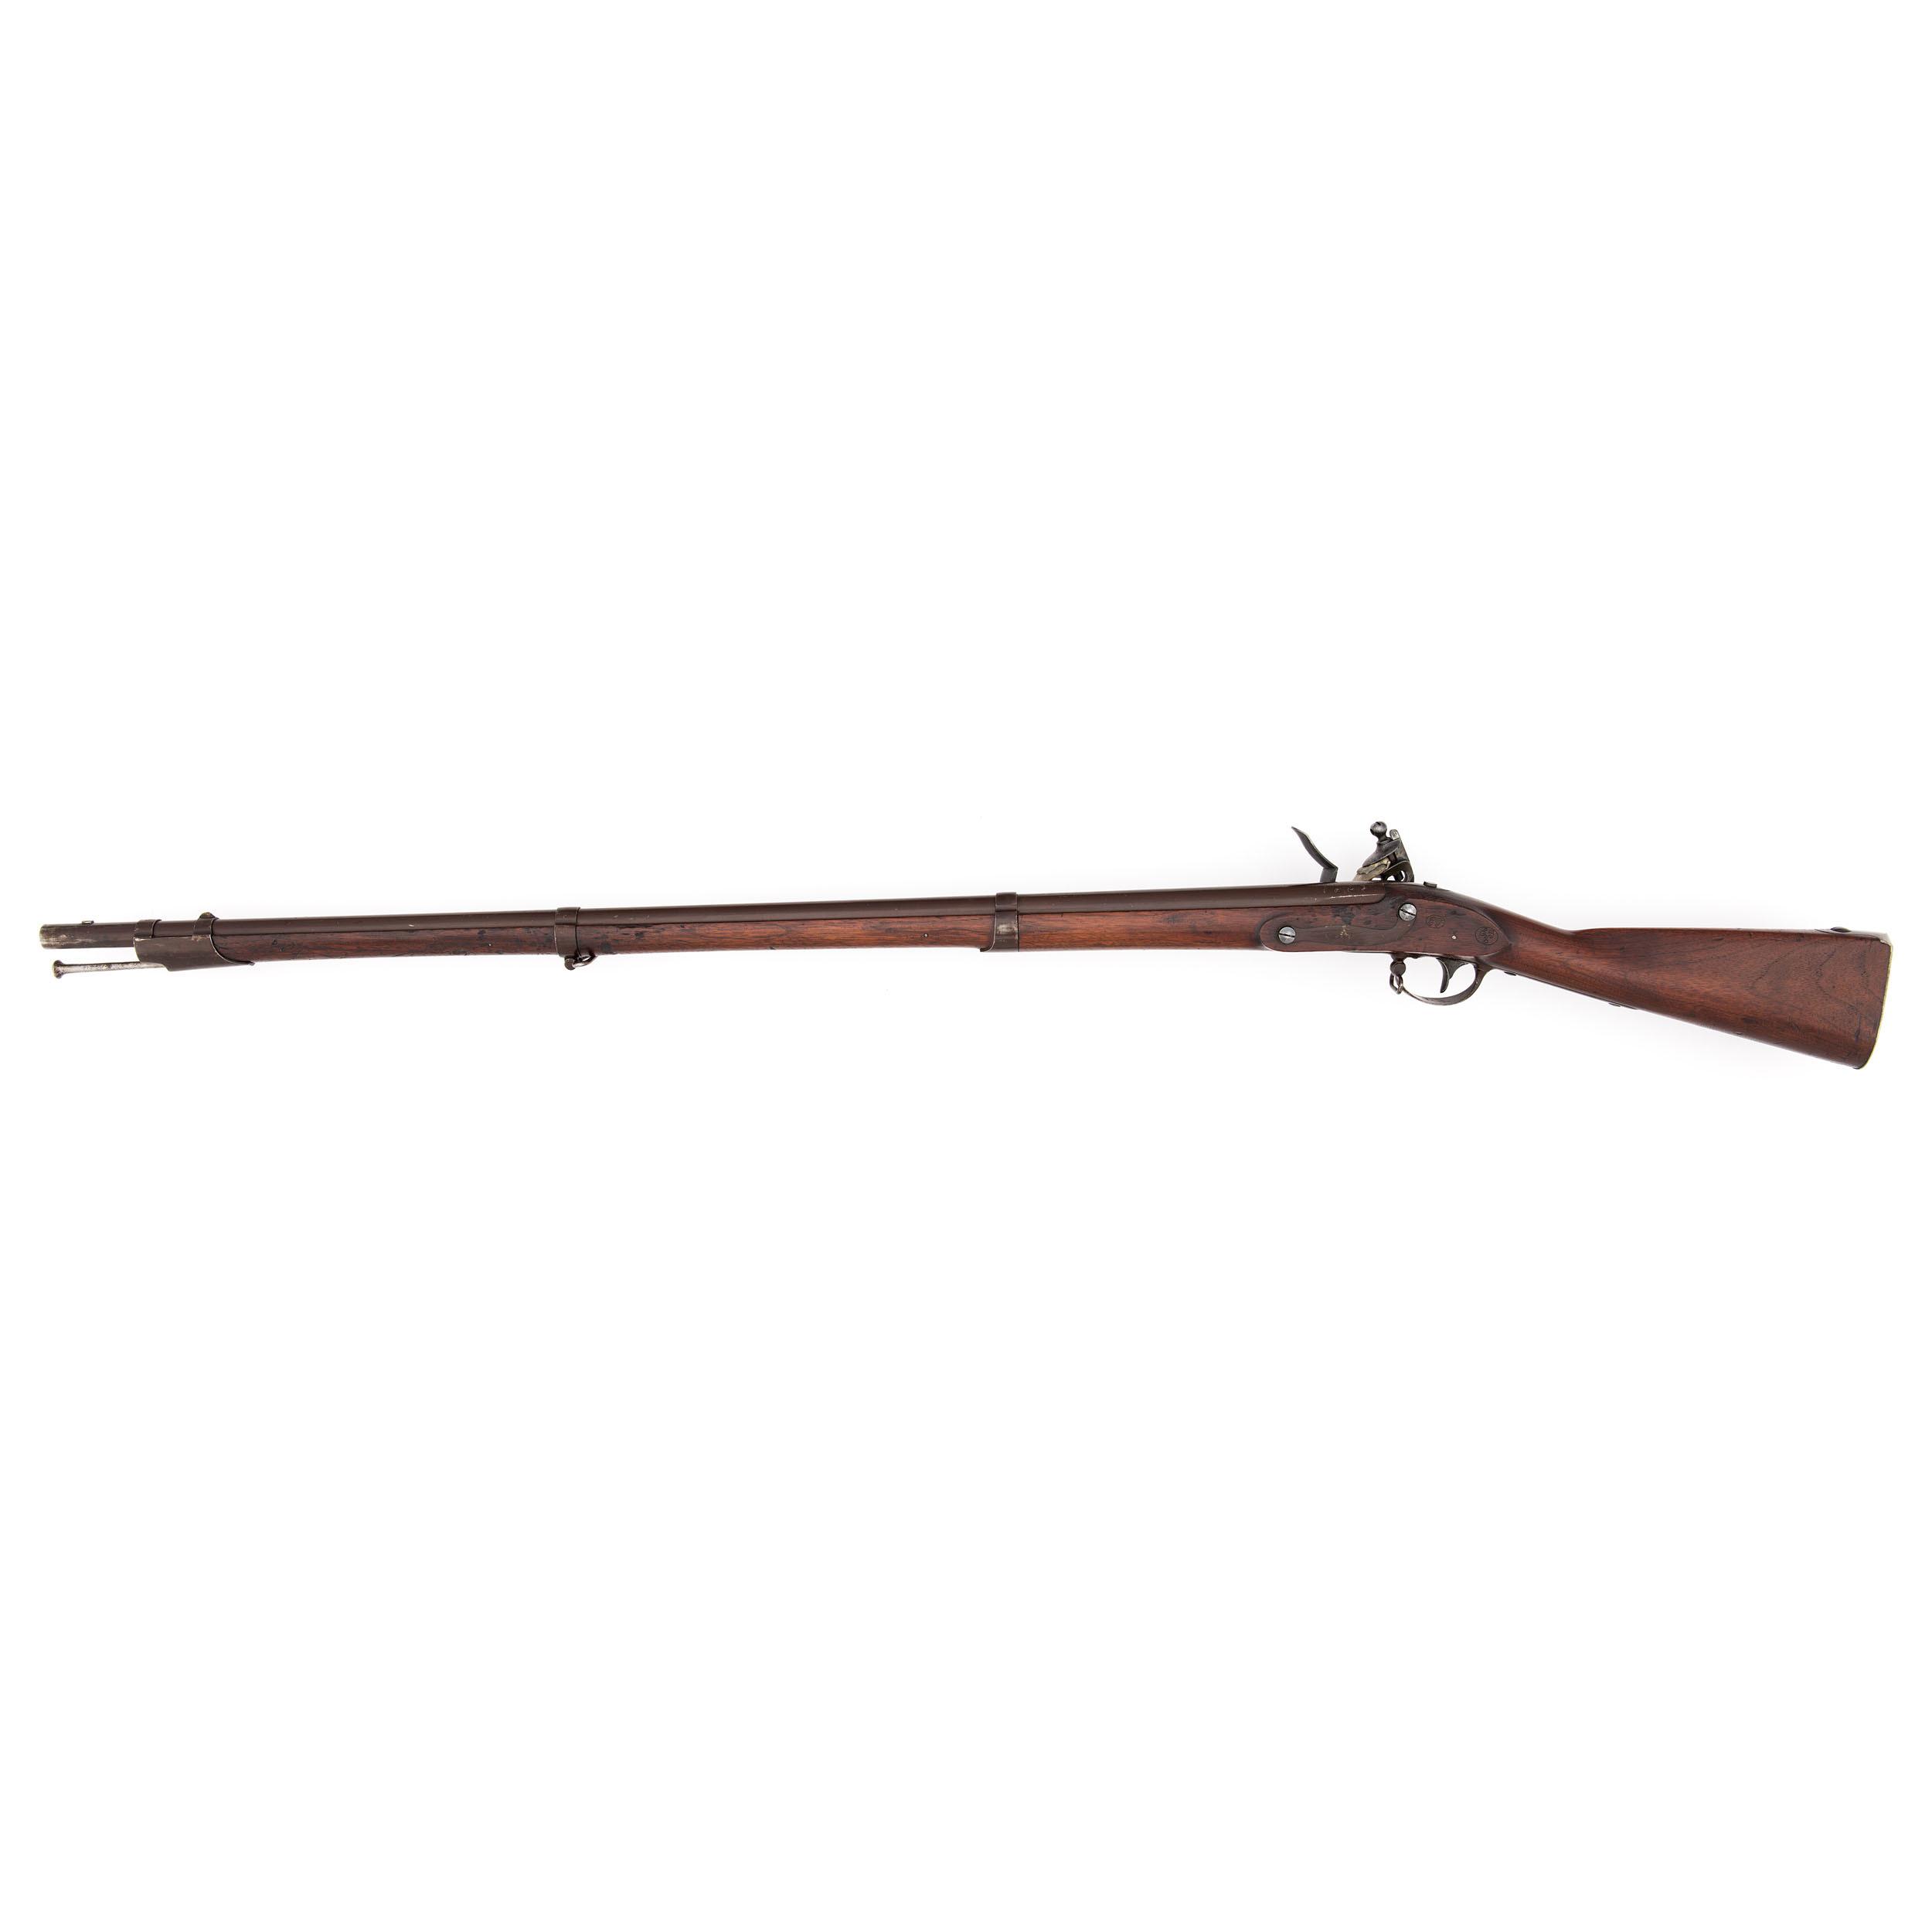 US Model 1822 Flintlock Musket by Springfield | Cowan's